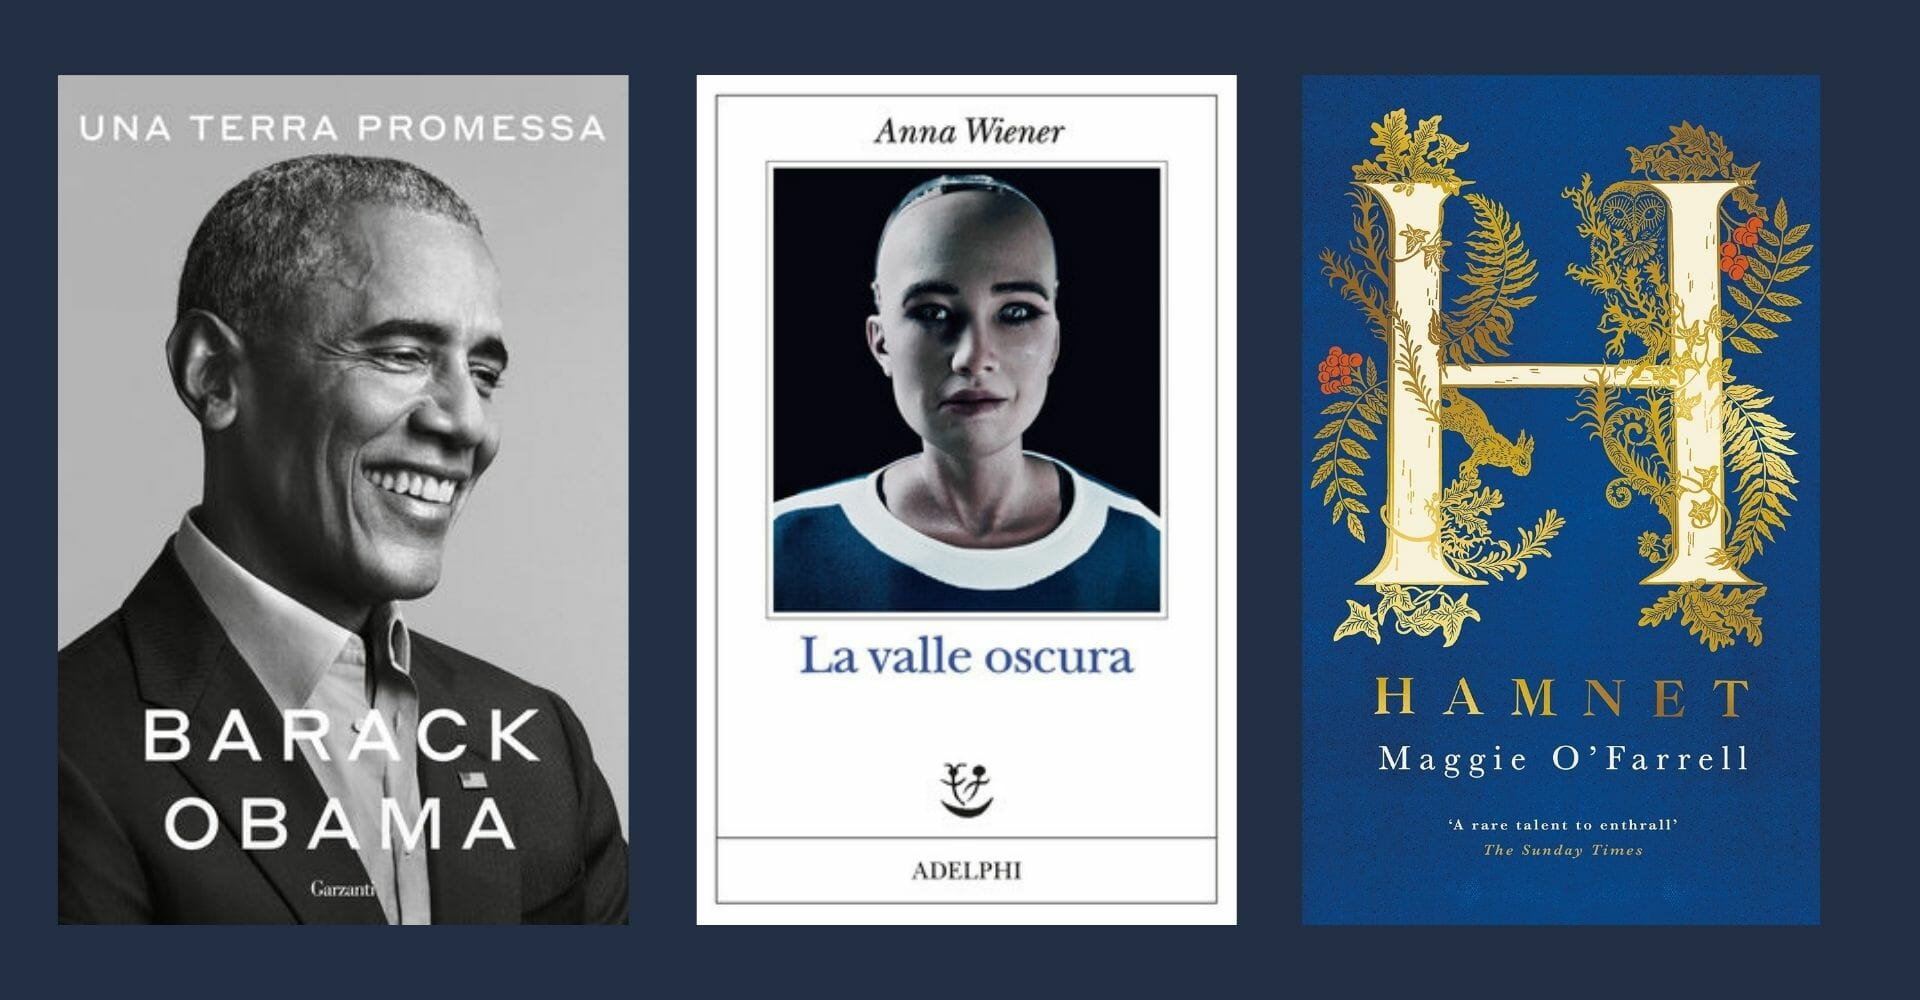 I 10 migliori libri del 2020 secondo The Times Book Review